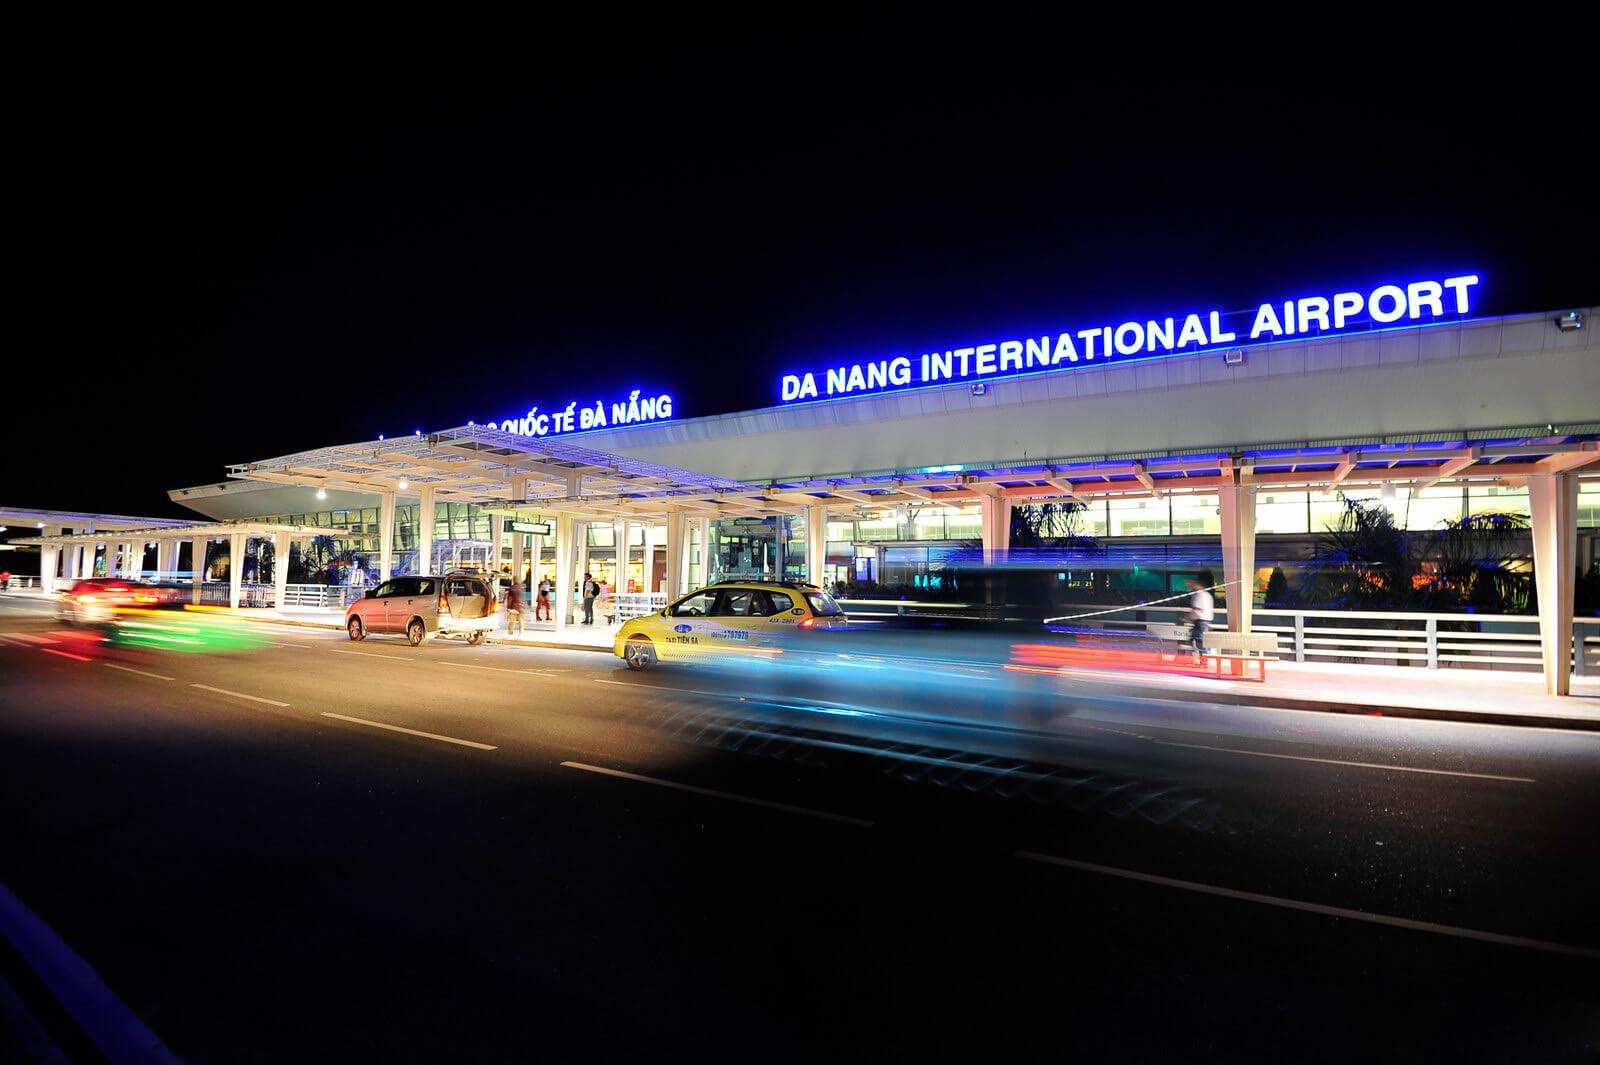 Bizman cung cấp dịch vụ Quảng cáo sân bay Đà Nẵng